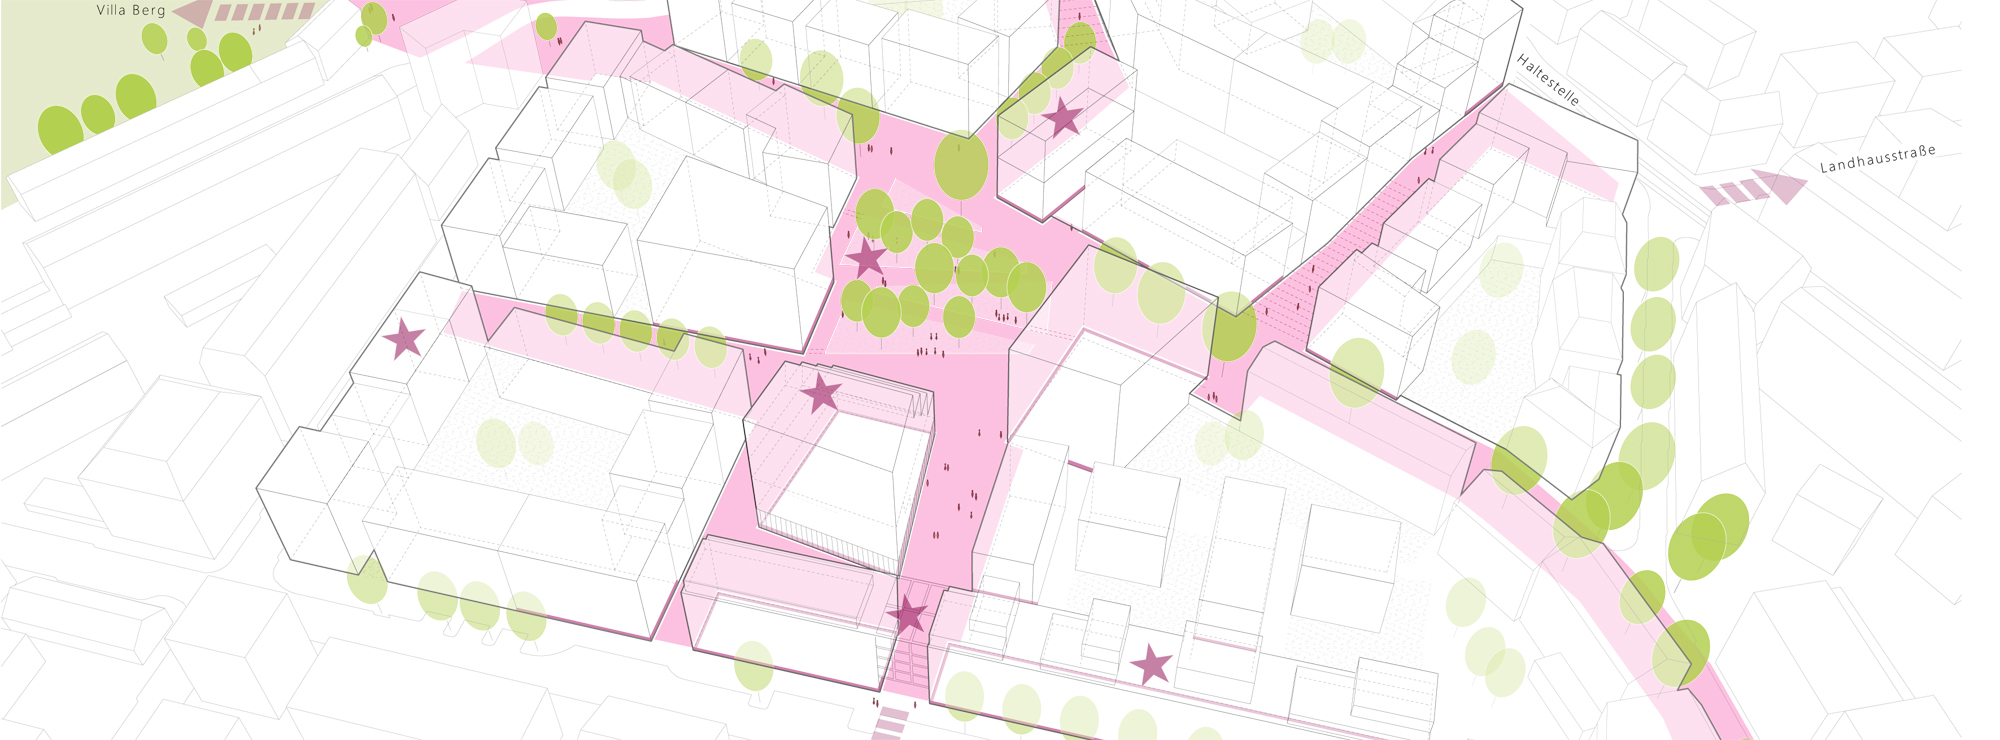 Wettbewerb, Städtebau_ENBW_Stöckach_Nachhaltig_Perspektiven